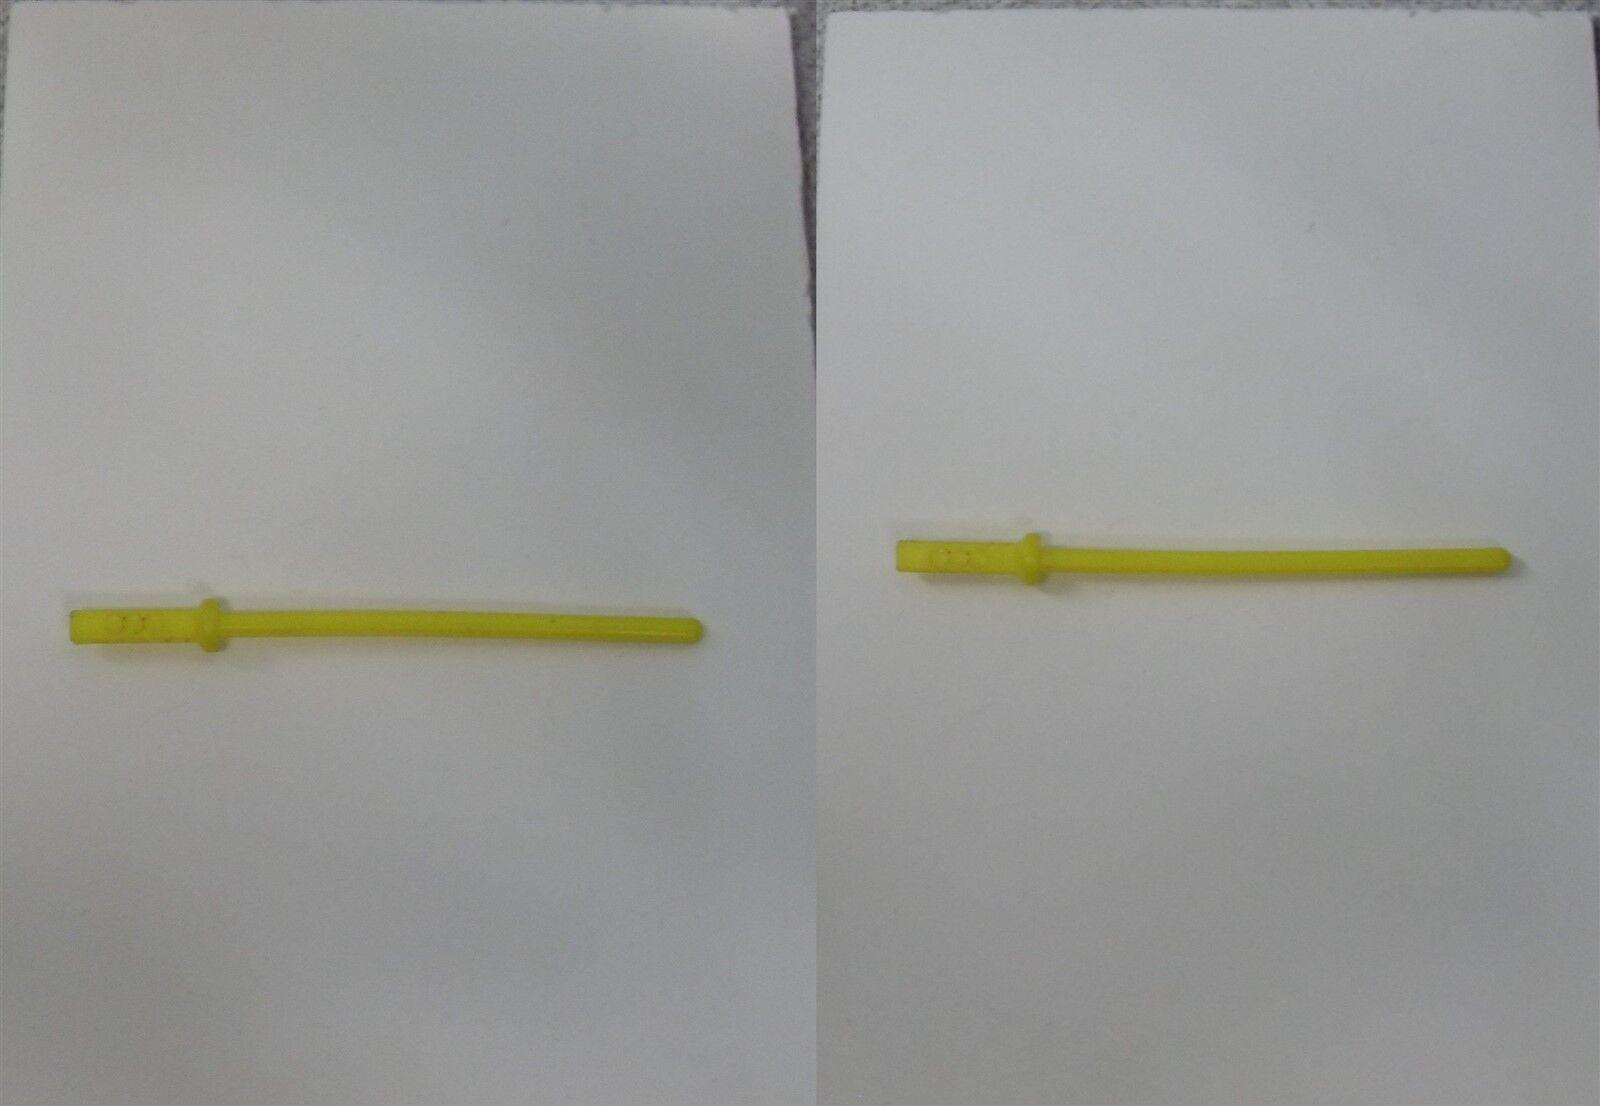 LUKE SKYWALKER Bespin Fatigues 1980 Yellow Yellow Yellow Lightsaber Original Not REPRO SW51 894687